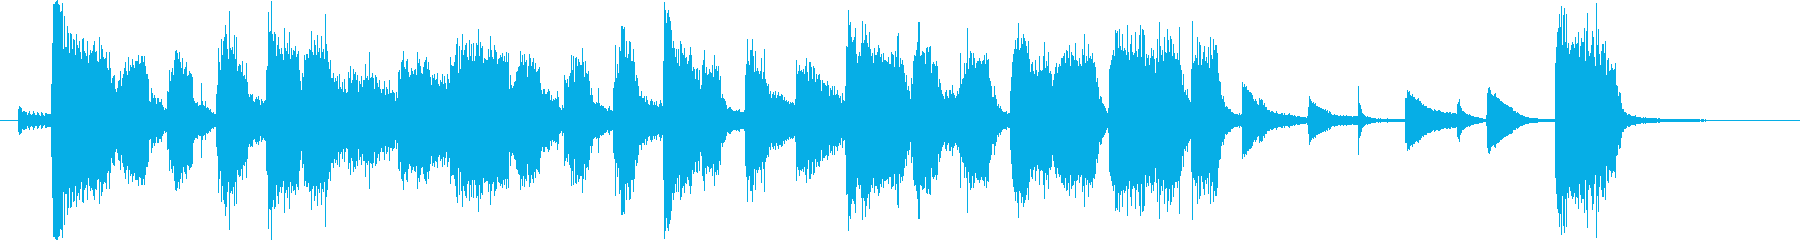 ビッグバンド ジャズ、番組エンディングの再生済みの波形